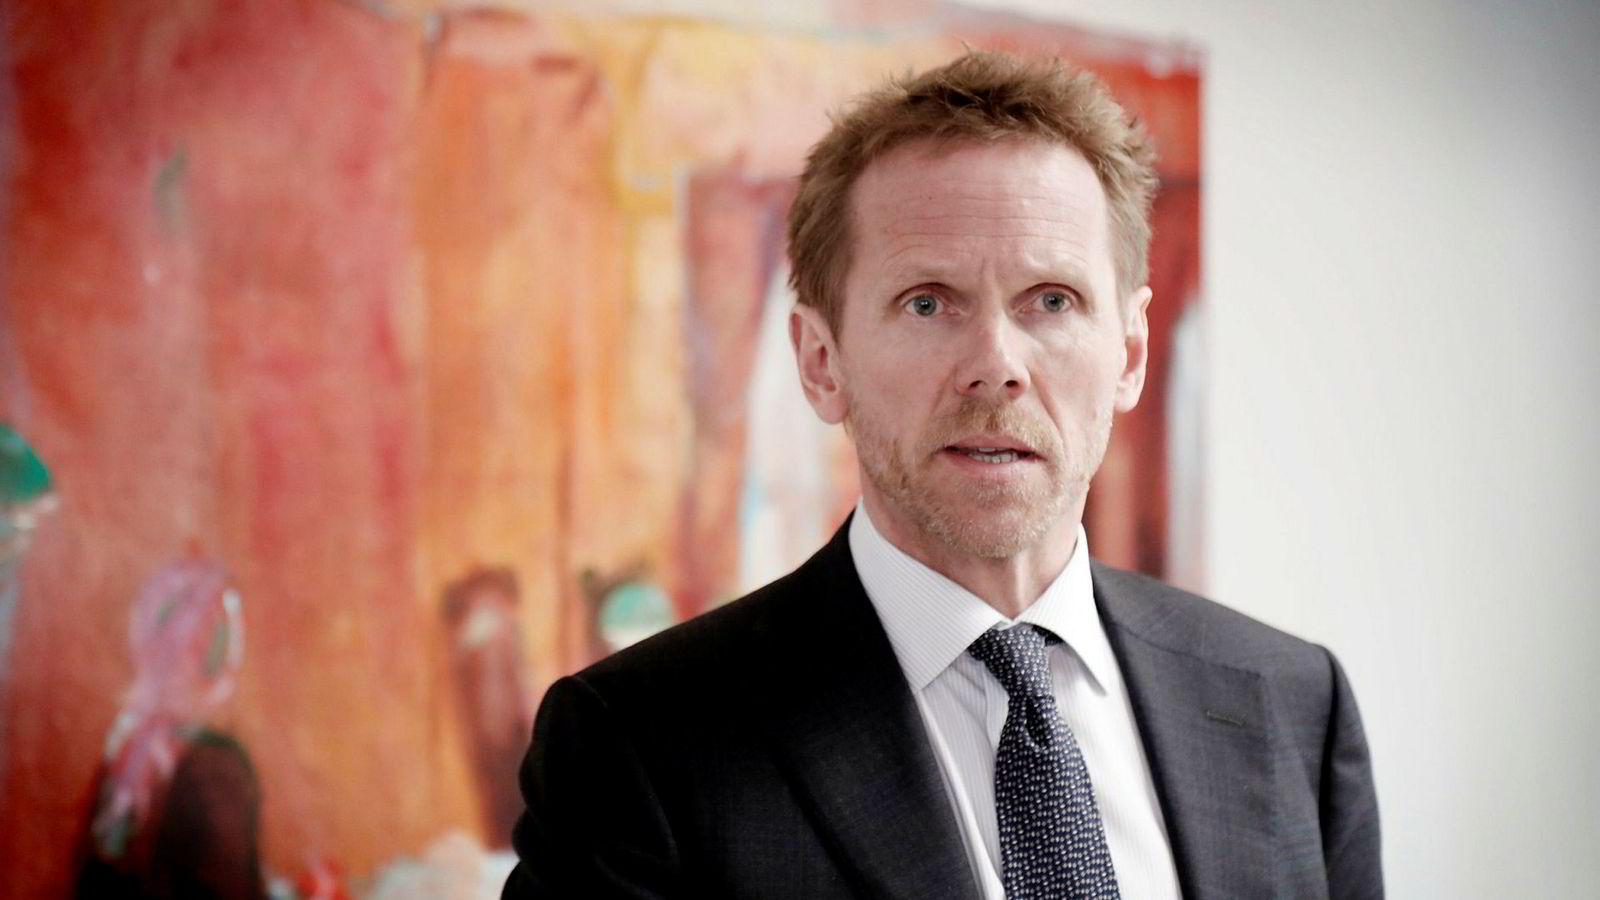 – Vi vil nå gå gjennom våre interne rutiner, sier regjeringsadvokat Fredrik Sejersted hos Regjeringsadvokaten.